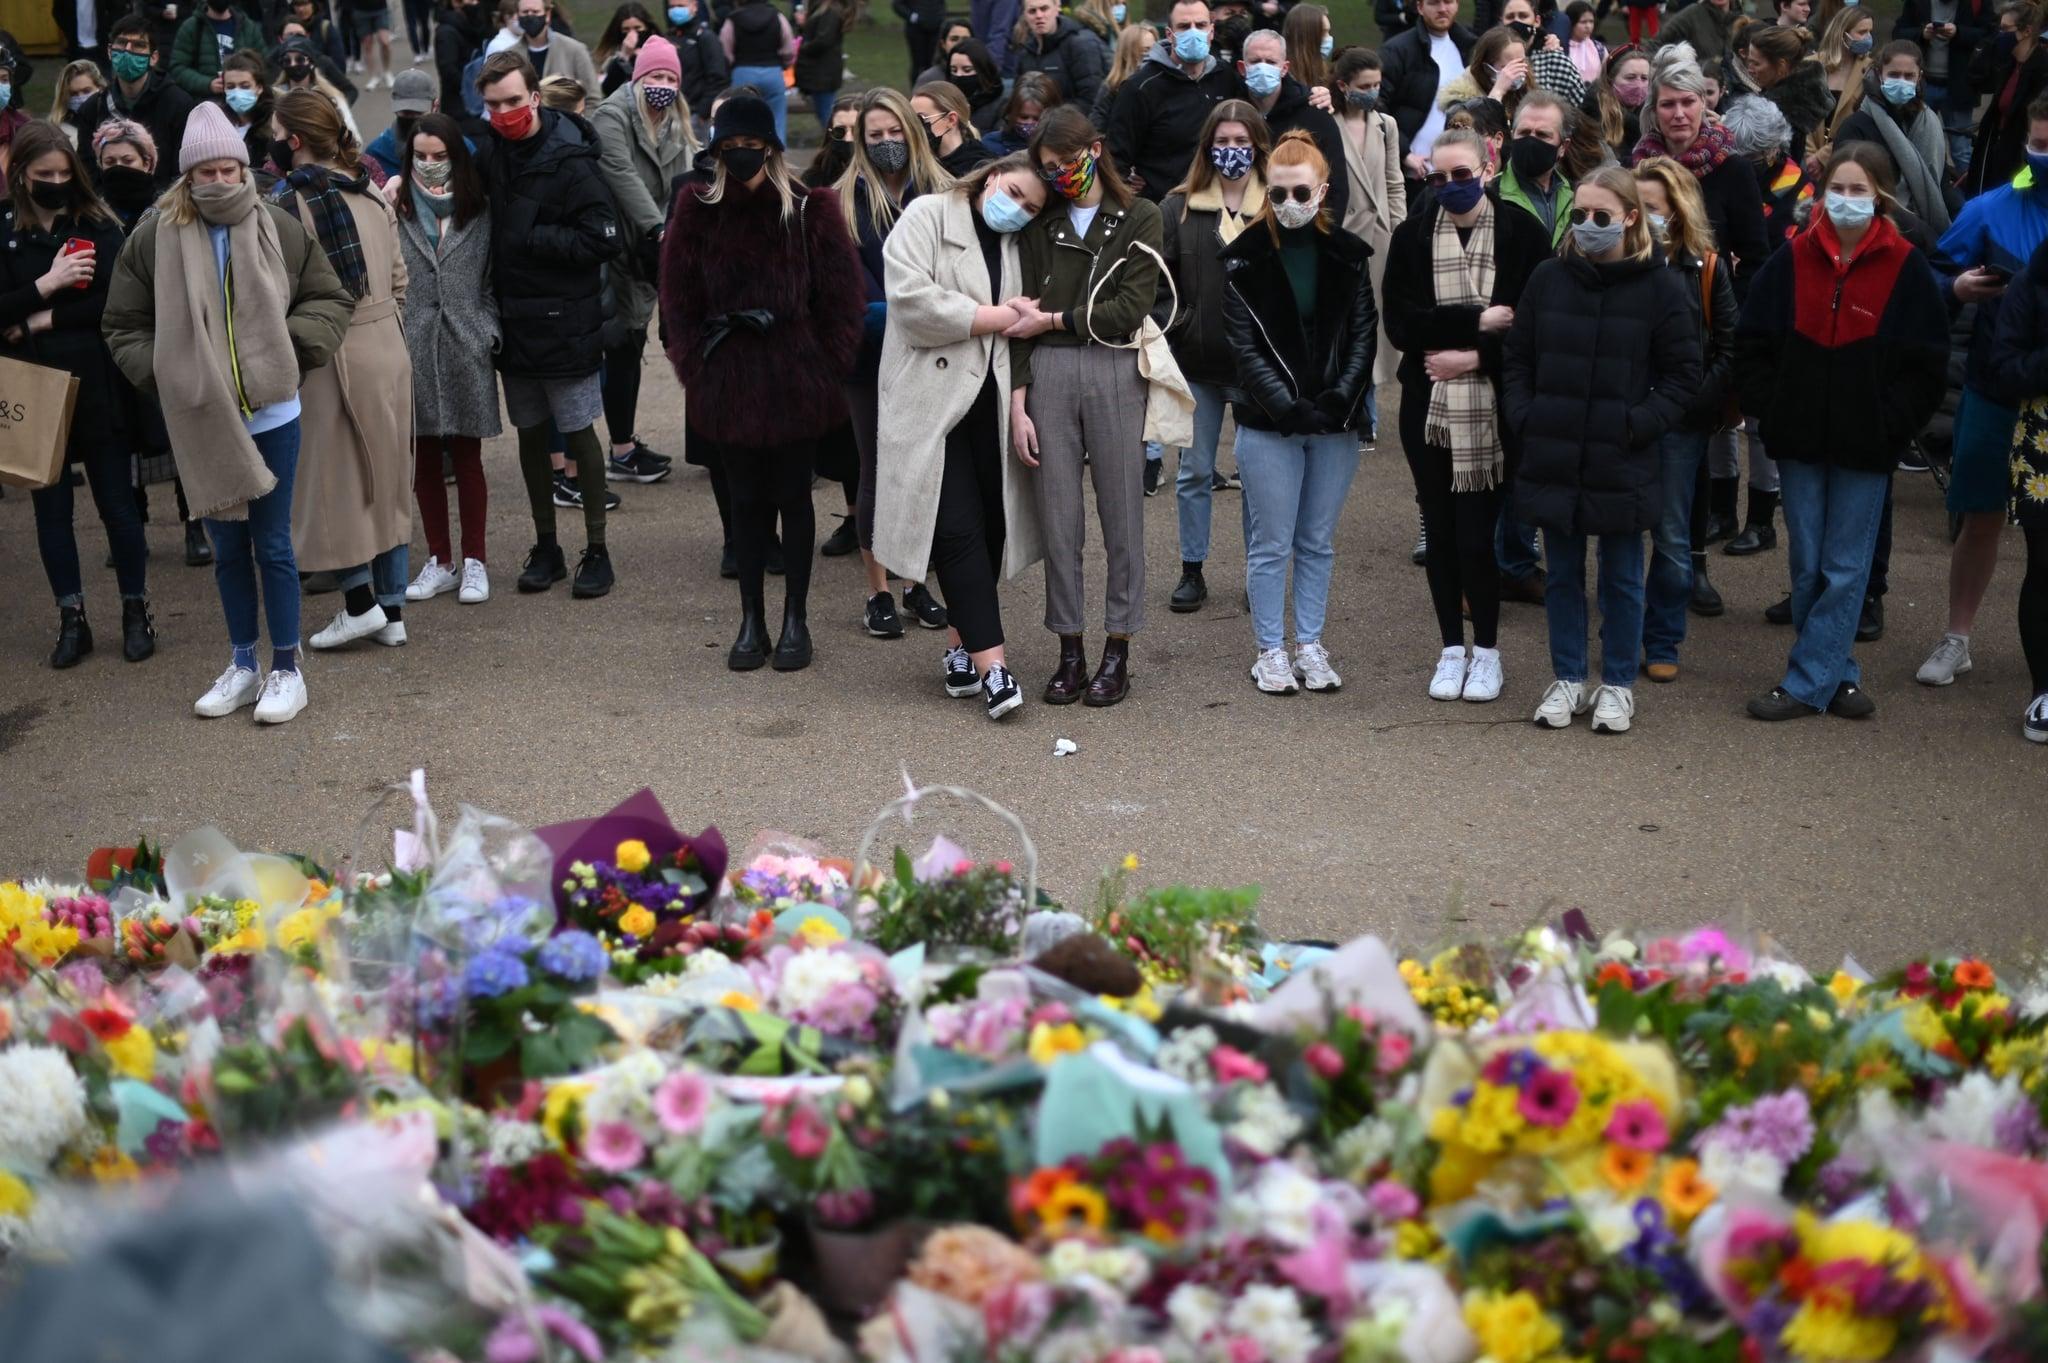 خیرخواهان هنگام تجلیل از ادای احترام به گل سارا اورارد ، زن گمشده ای که در جبهه های جنگلی در کنت ، در تابلوی بند در Clapham Common در جنوب لندن در 14 مارس 2021 پیدا شد ، افراد خیرخواه واکنش نشان می دهند - پلیس متروپولیتن لندن در 14 مارس دفاع کرد پس از مشاهده افسران مردی که با جمعیت درگیر شده بودند و تظاهرکنندگان زن را از نظر جسمی منع می کردند ، این کار با اعتراض پر سر و صدا خواستار افزایش امنیت عمومی برای زنان بود.  صدها نفر از محدودیت های ویروس کرونا در 13 مارس شب برای تجمع در پارک کلپام مشترک به نشانه مرگ سارا اورارد ، که در همان اوایل ماه هنگام رفتن به خانه به خانه گم شد ، ناپدید شدند.  از آن زمان یک افسر پلیس در حال خدمت با نیروهای لندن به آدم ربایی و قتل متهم شد.  (عکس از DANIEL LEAL-OLIVAS / AFP) (عکس توسط DANIEL LEAL-OLIVAS / AFP از طریق گتی ایماژ)